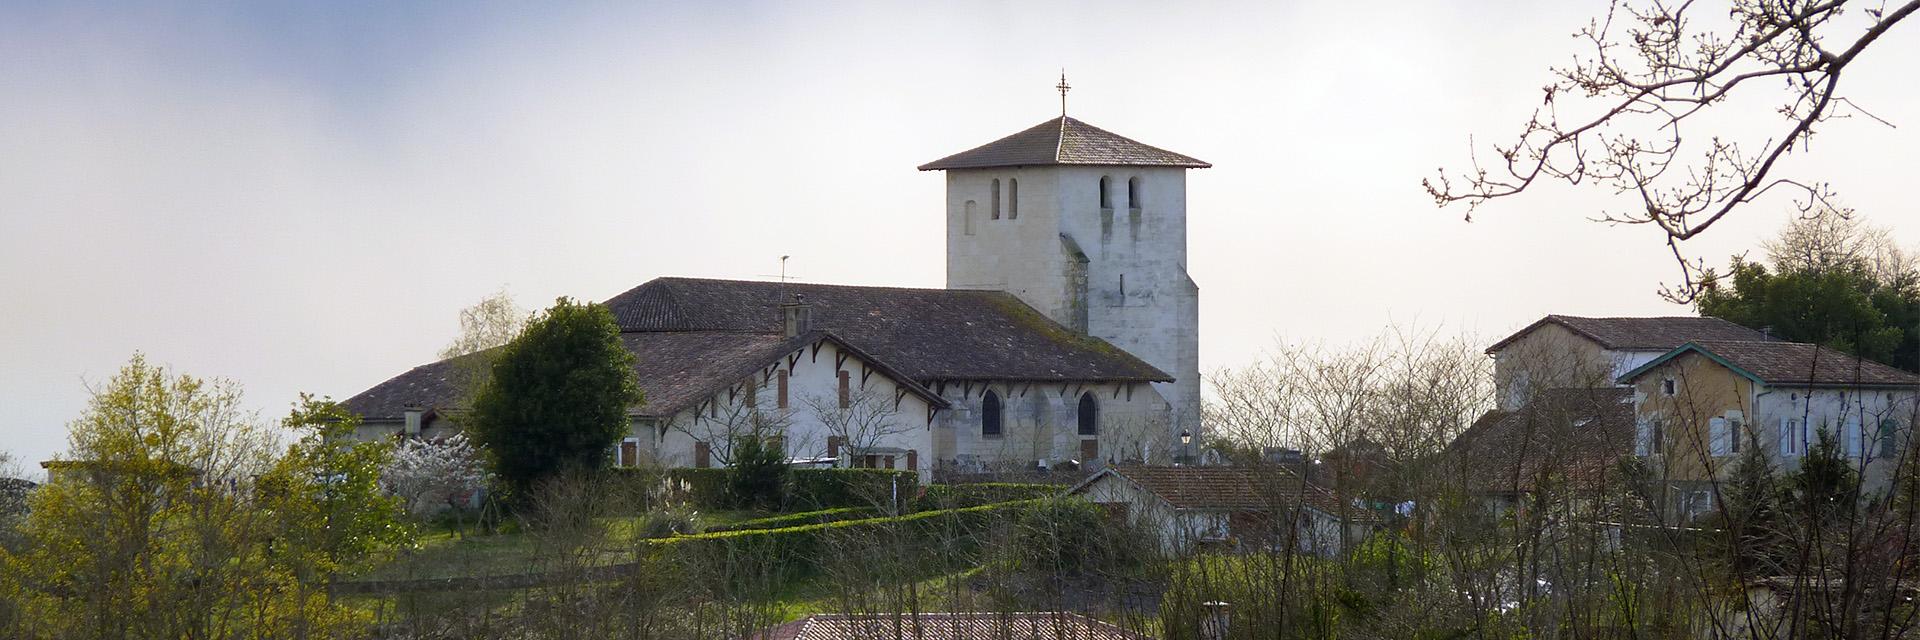 Village_club_vacances_charente-et-landes-les-hameaux-de-la-chalosse-église-de-montfort-en-Chalosse